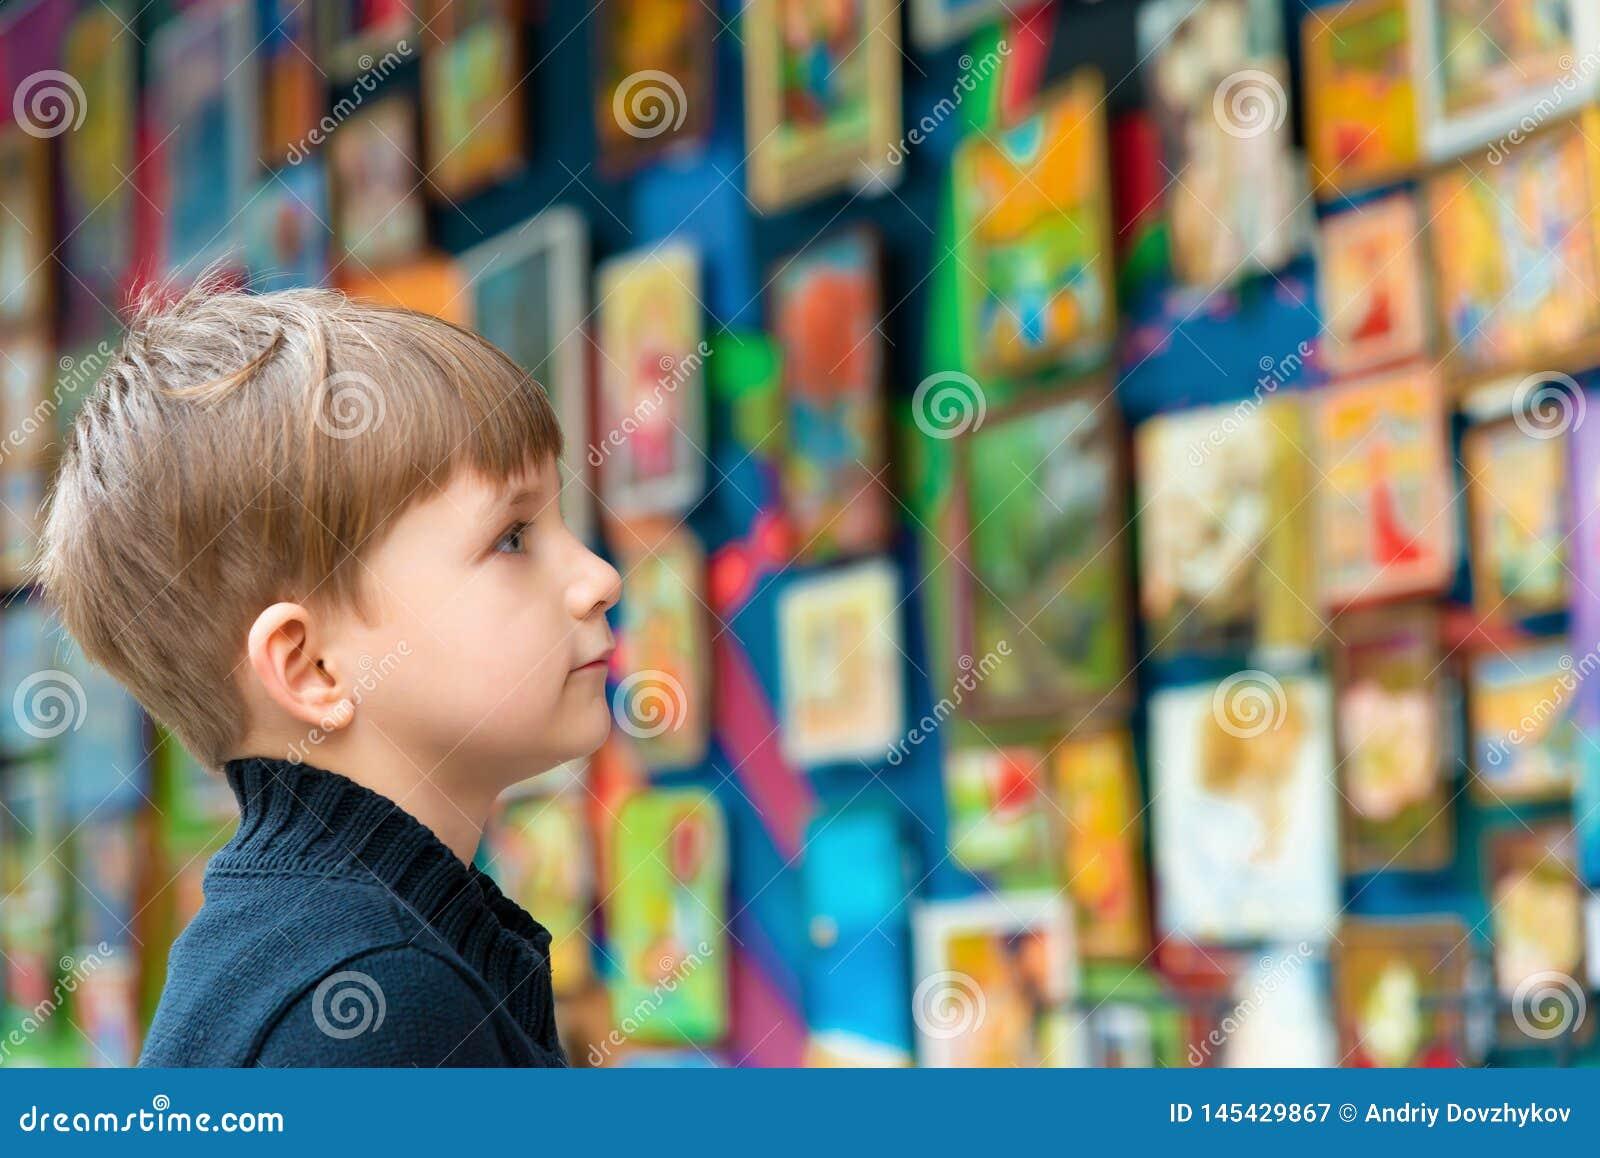 Chłopiec spojrzenia przy obrazami przy wystawą malarska sztuka i twórczość